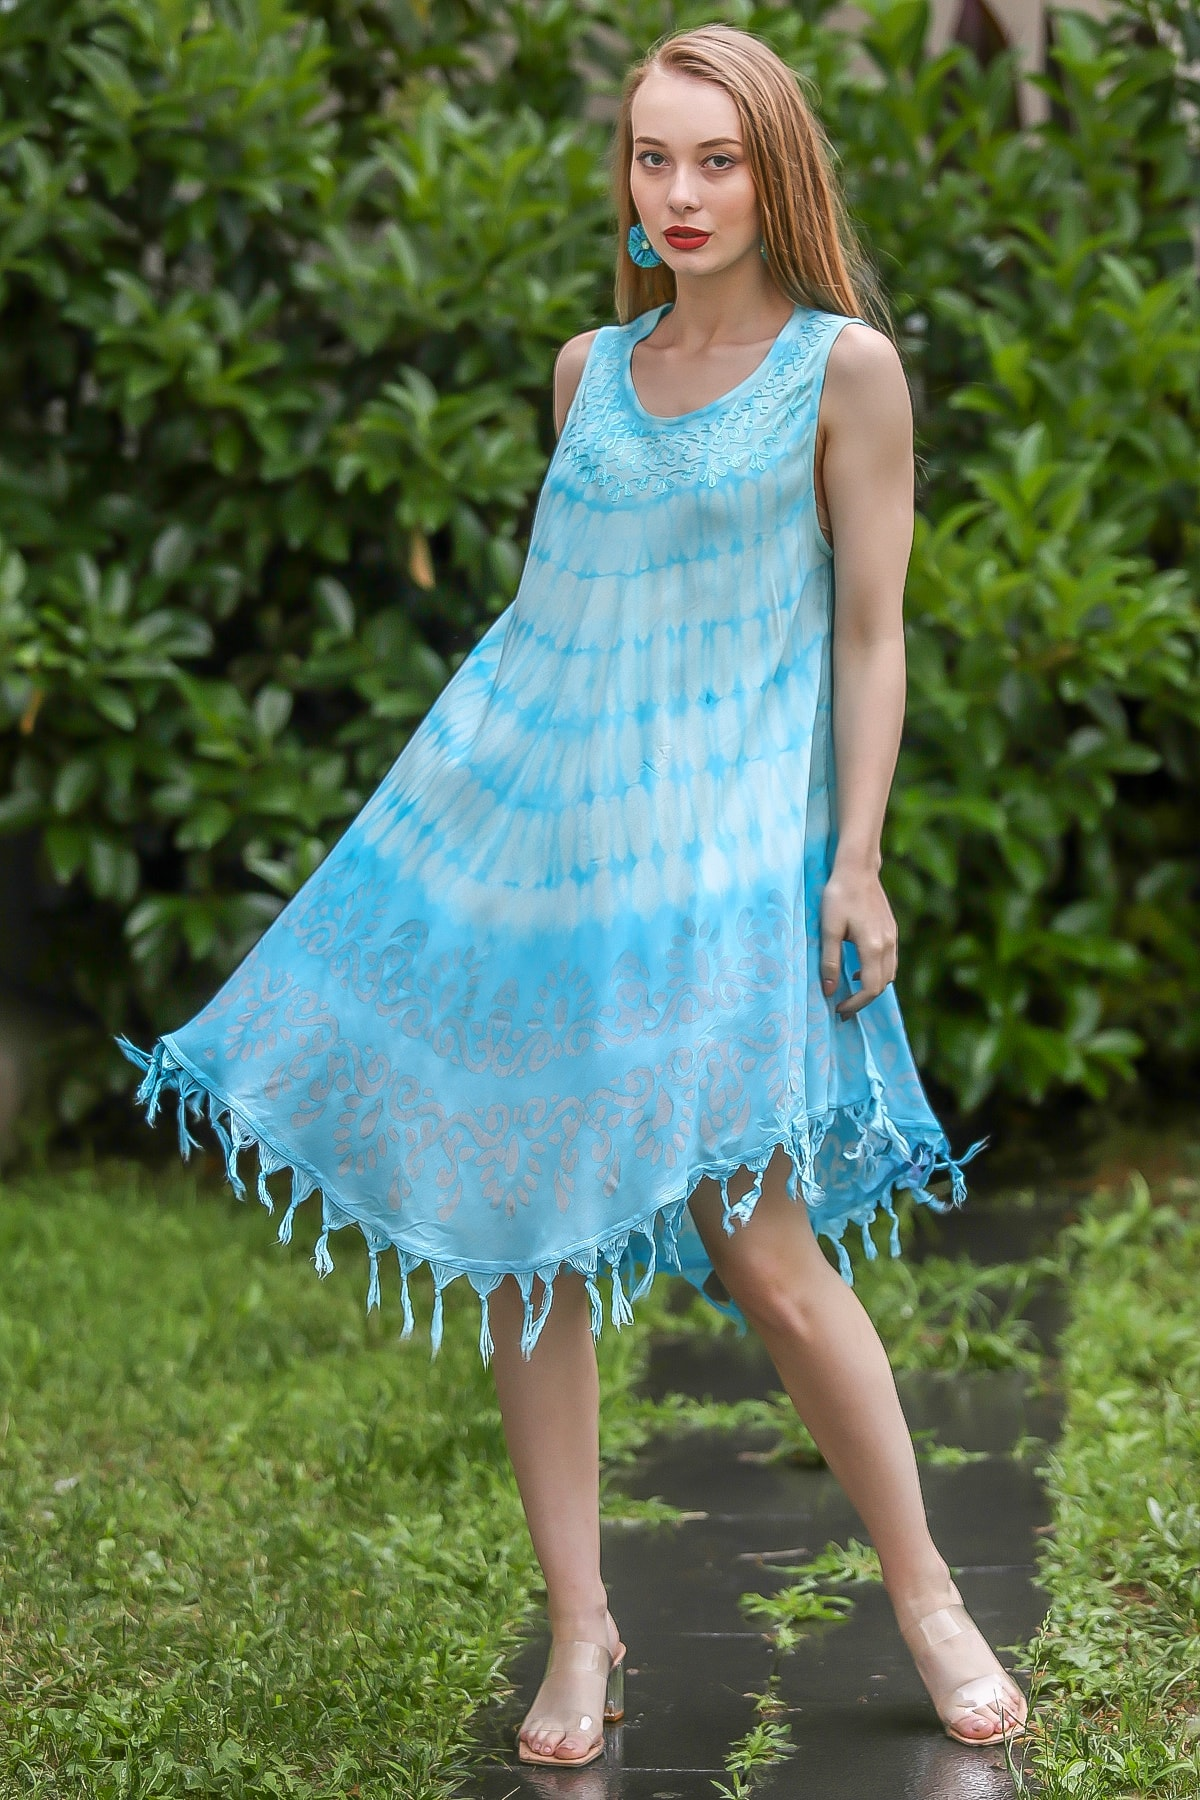 Chiccy Kadın Turkuaz Bohem Batik Desenli Saçaklı Asimetrik Elbise M10160000EL96664